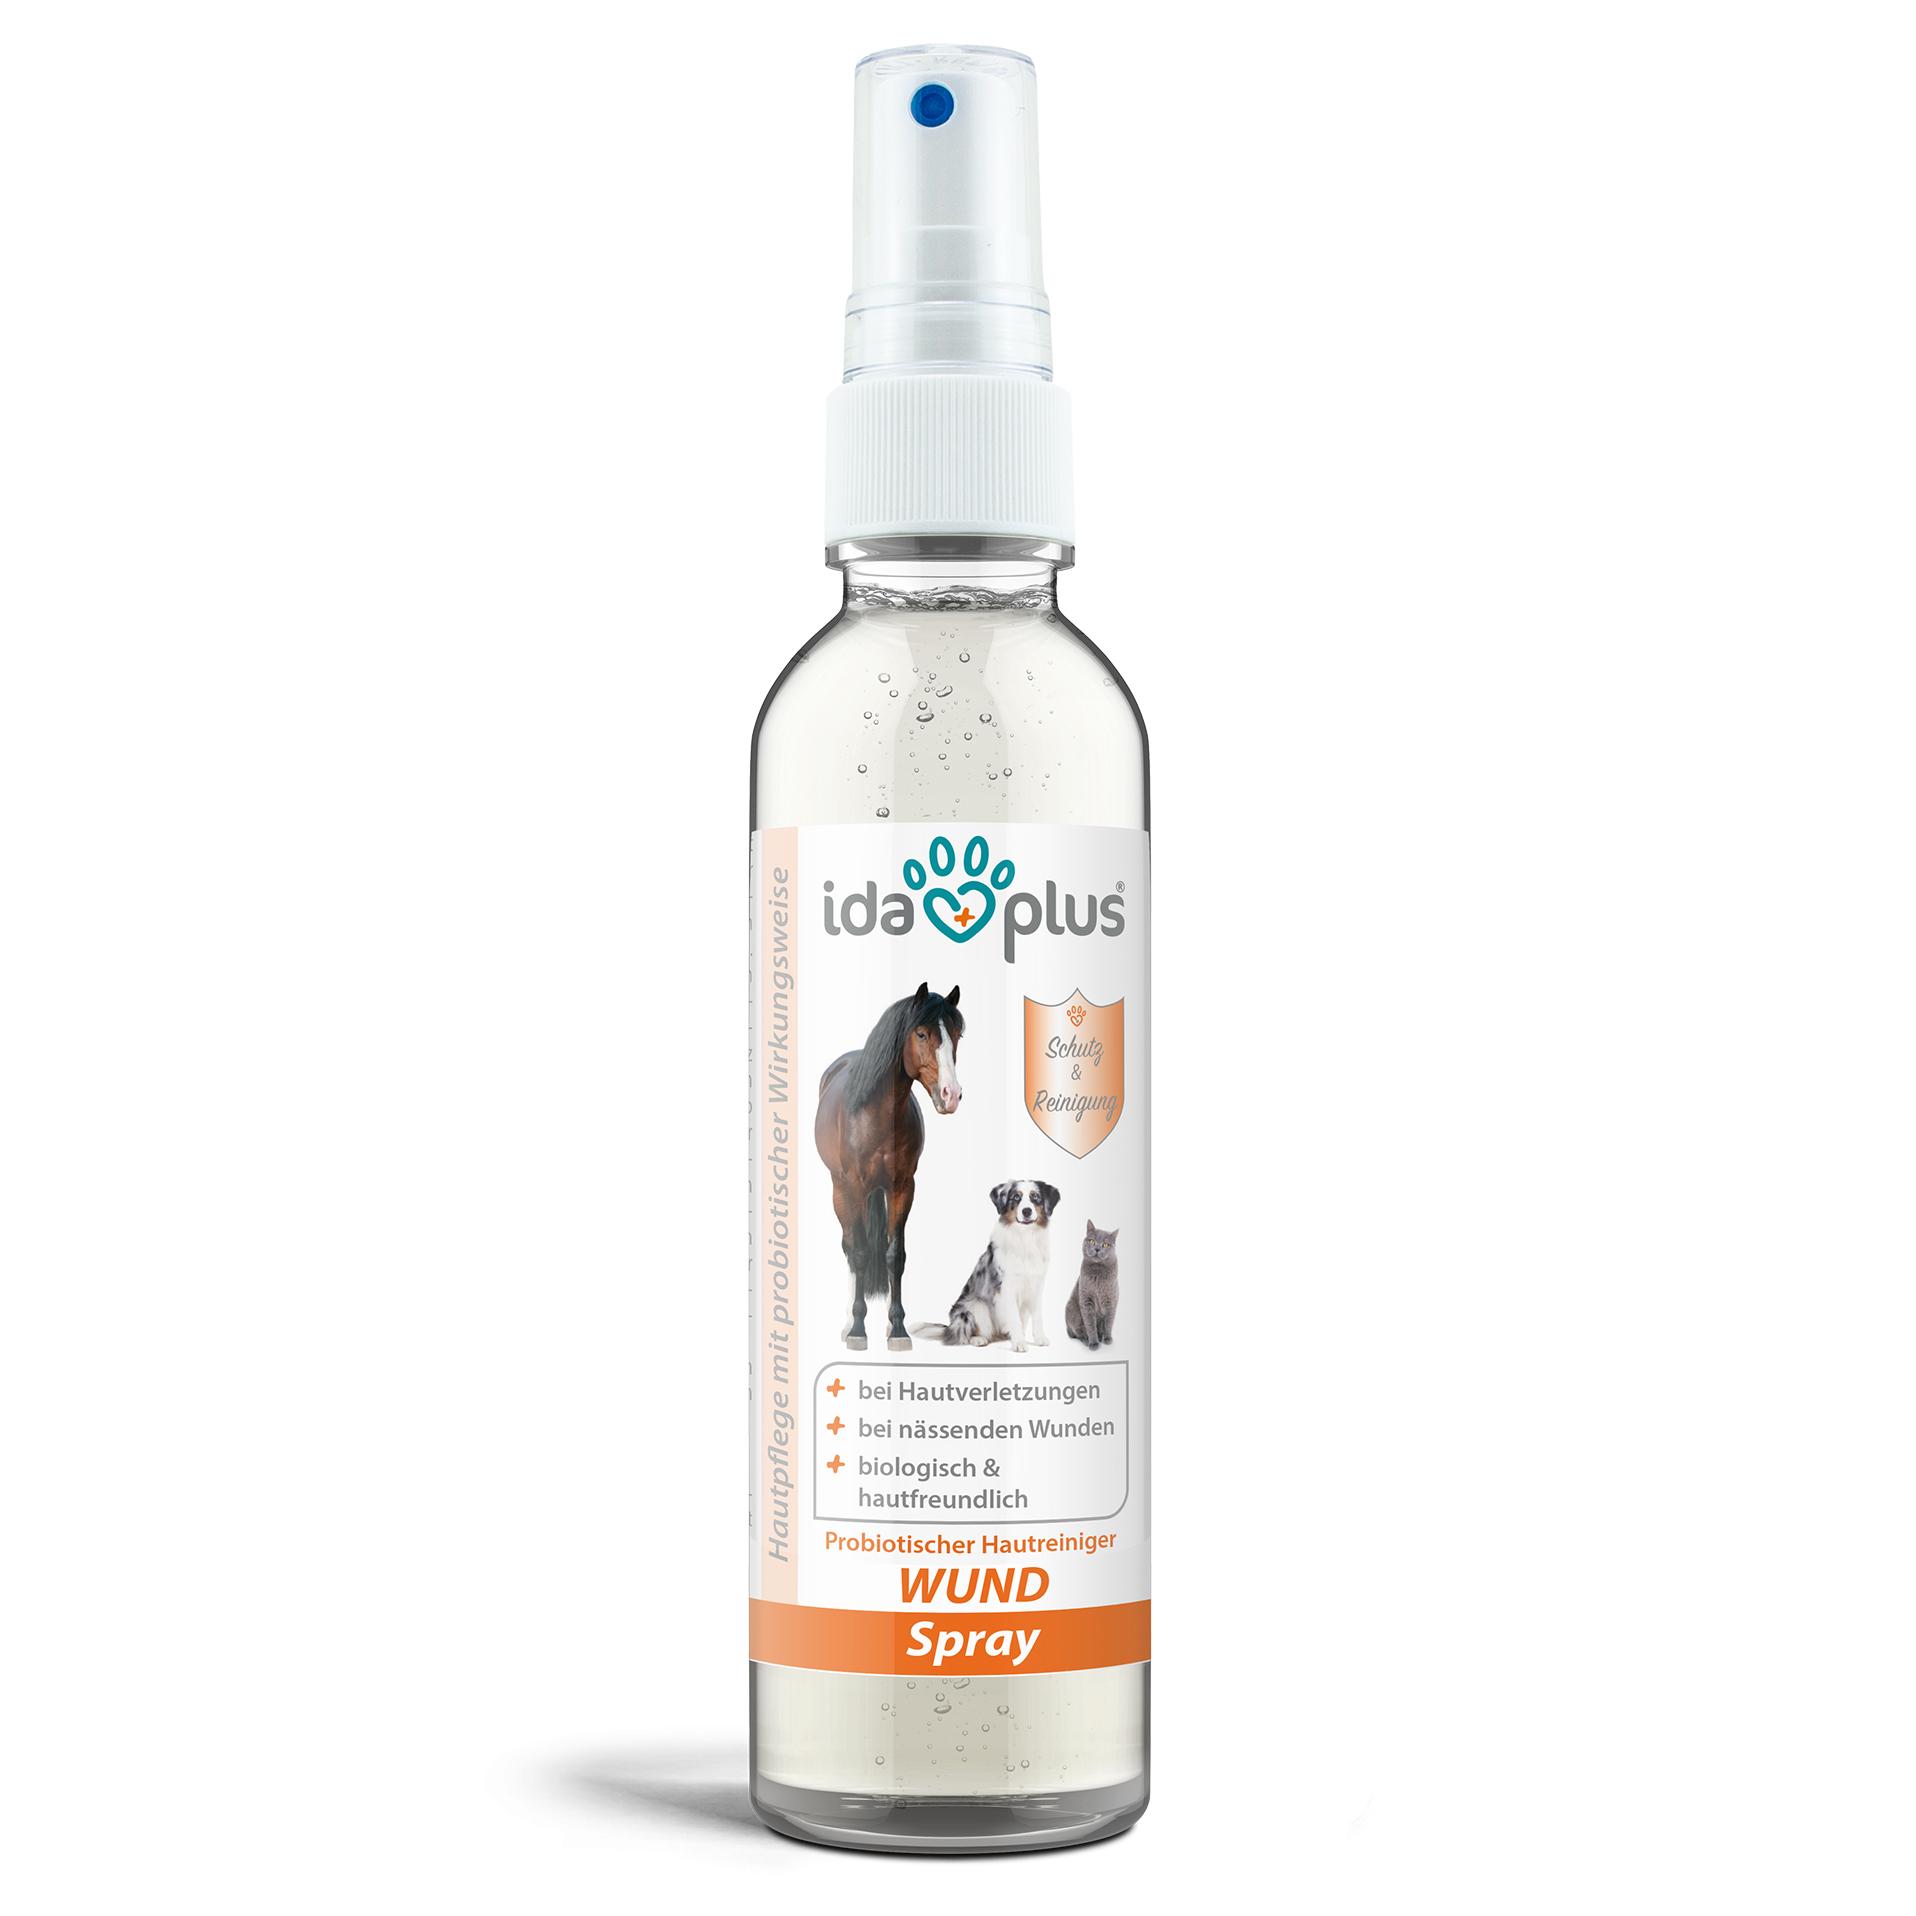 Wund Spray für Hunde, Katzen & Pferde - Schutzschild bei Hautverletzungen 200 ml